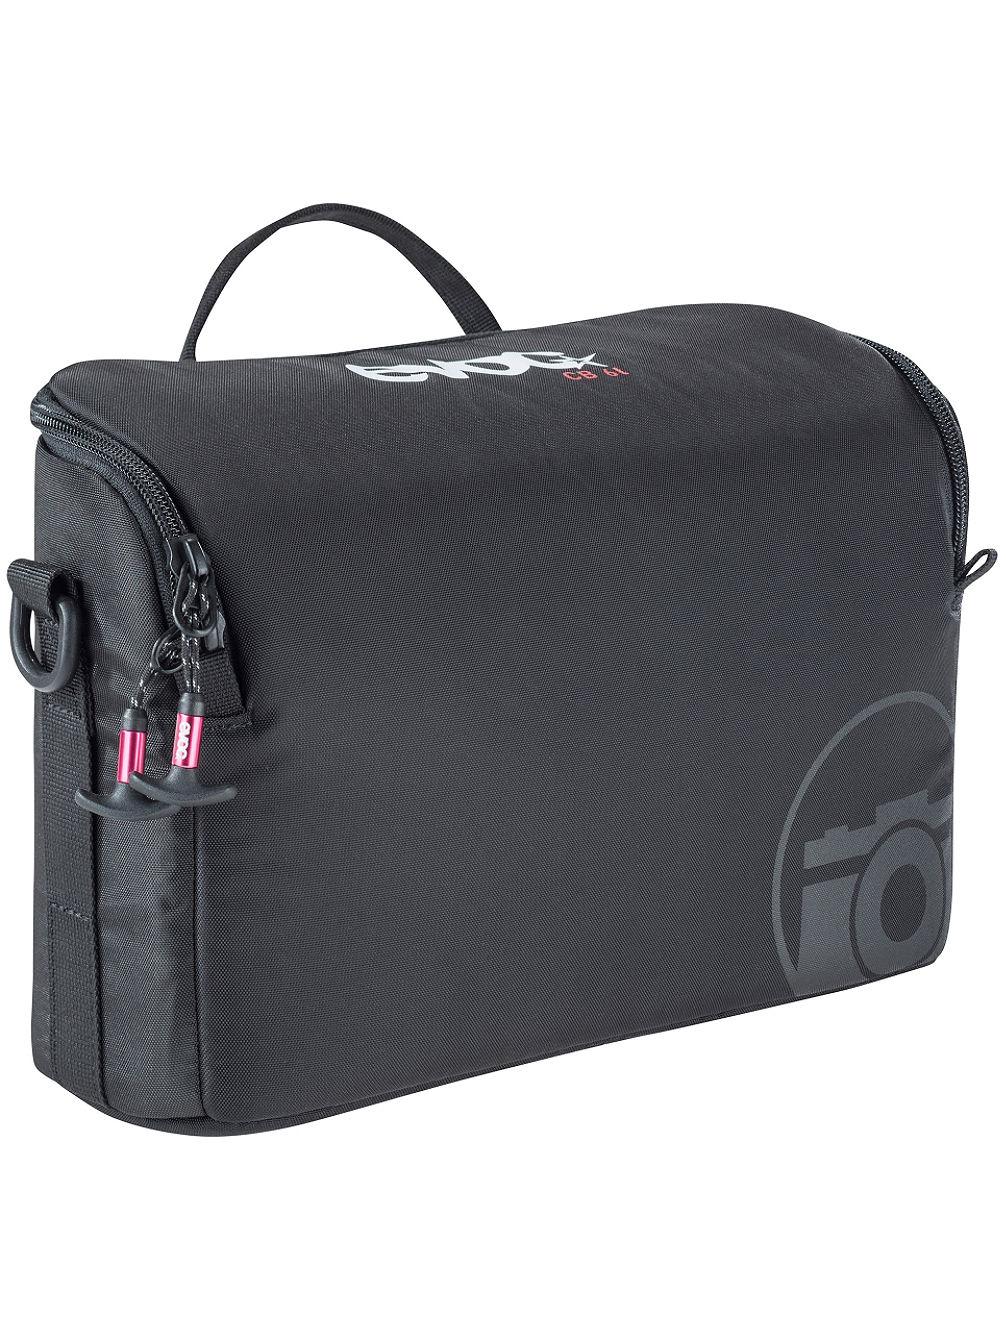 Evoc Camera Block 6L Backpack - evoc - blue-tomato.com